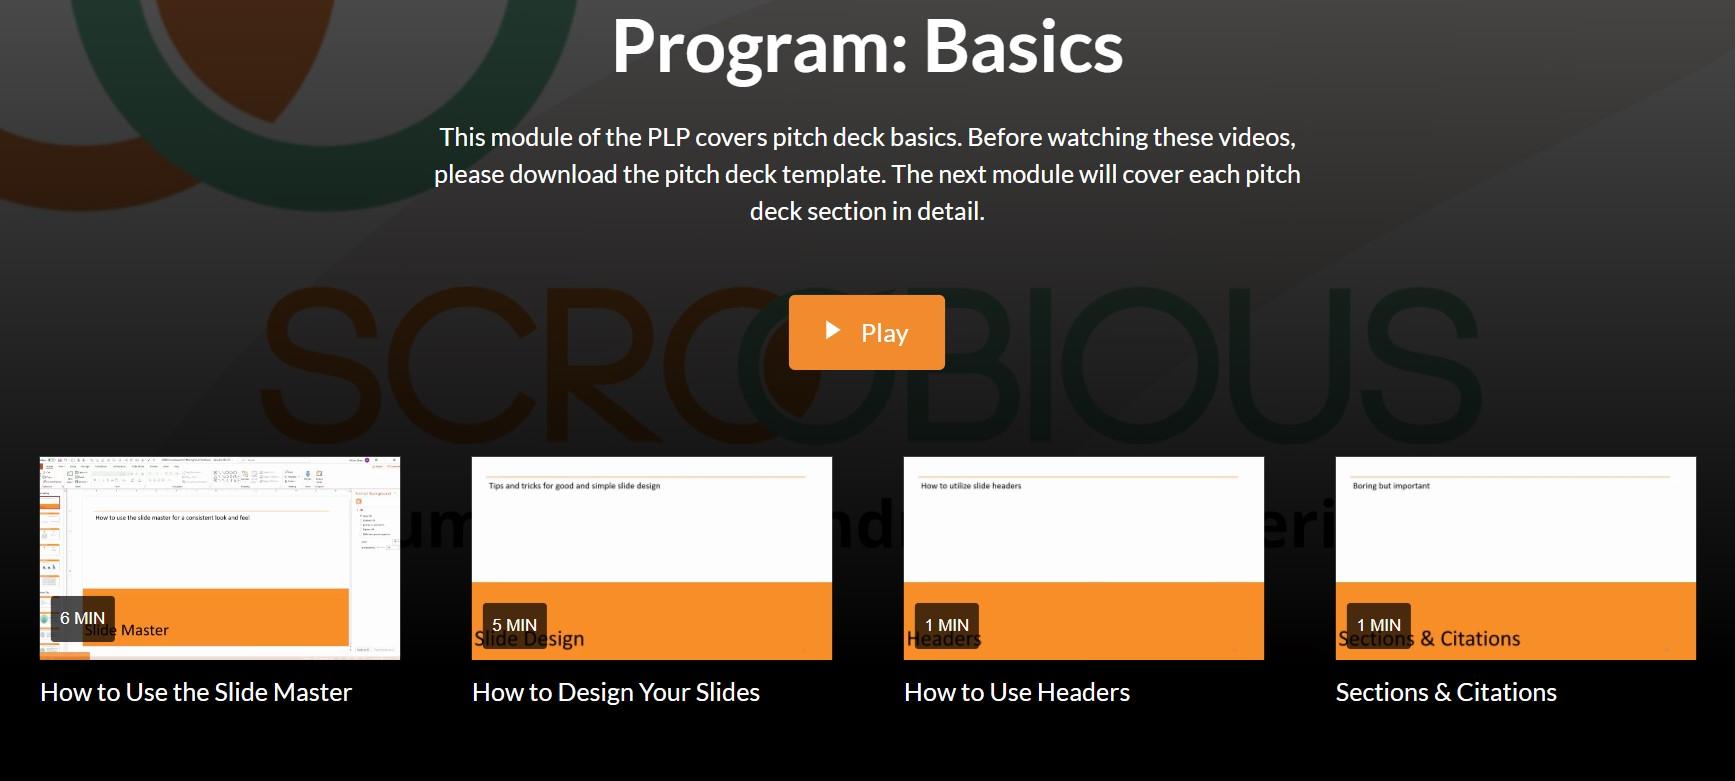 PiP modules